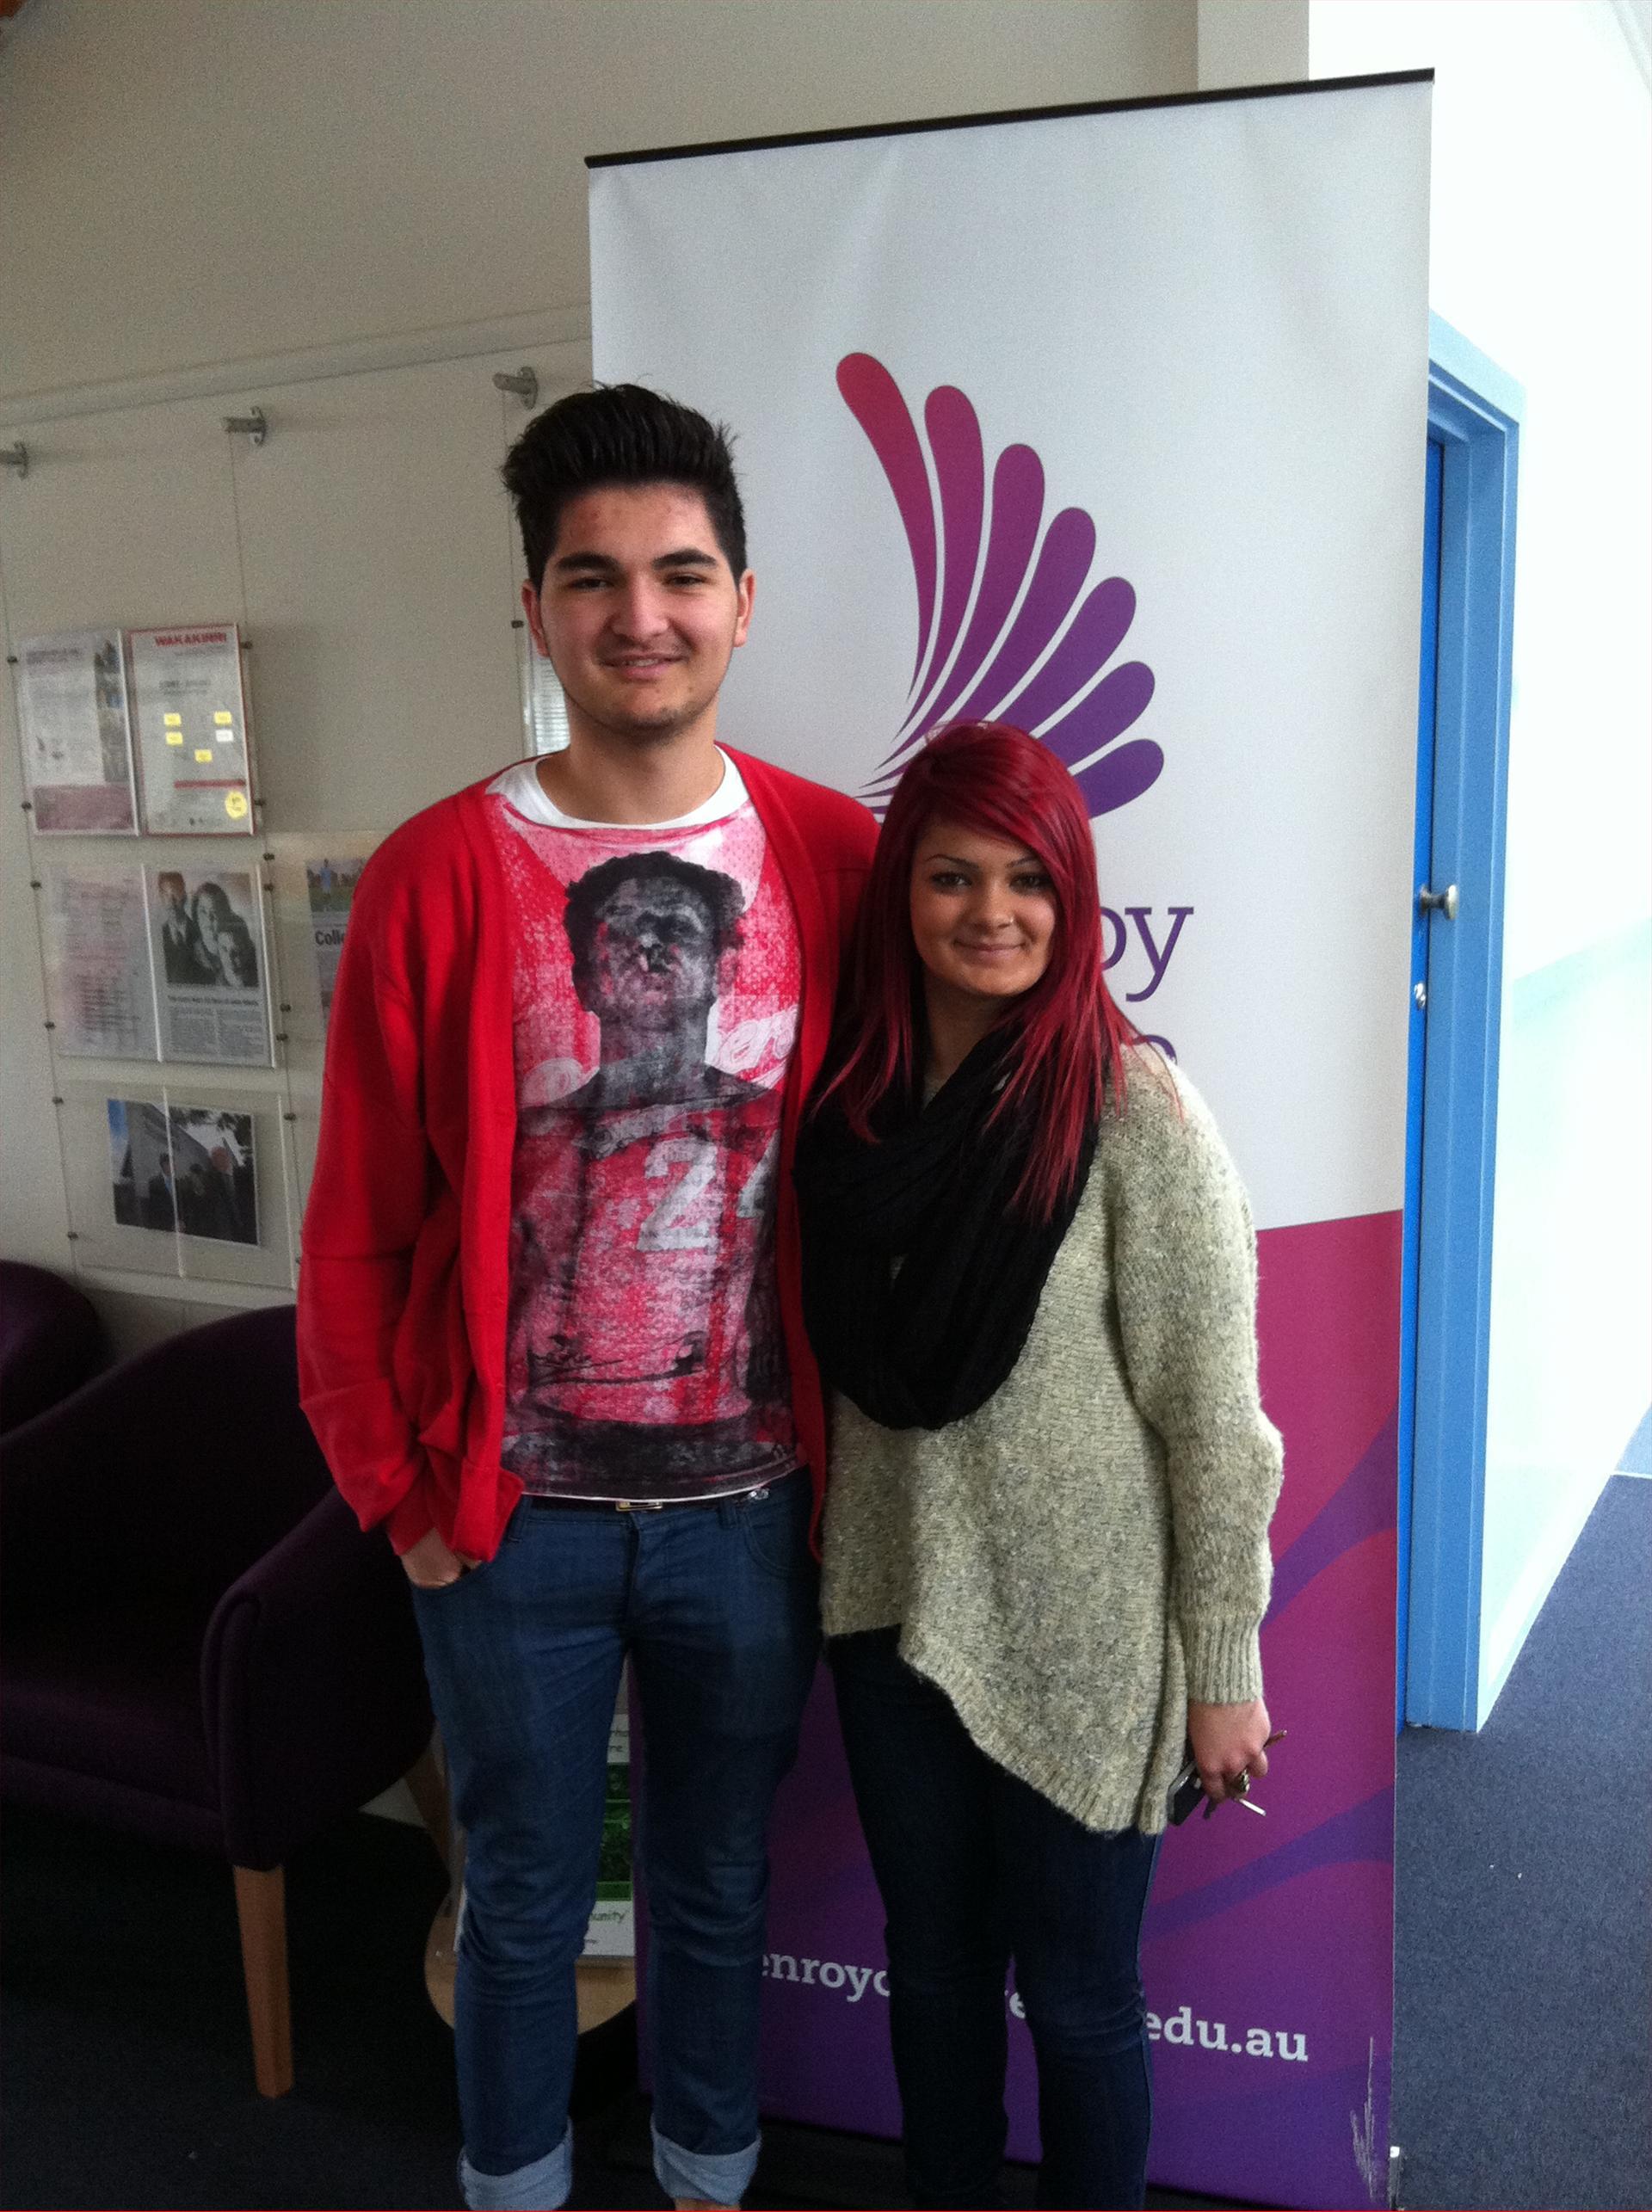 Efecan Yucedag & Jasmin Moloney